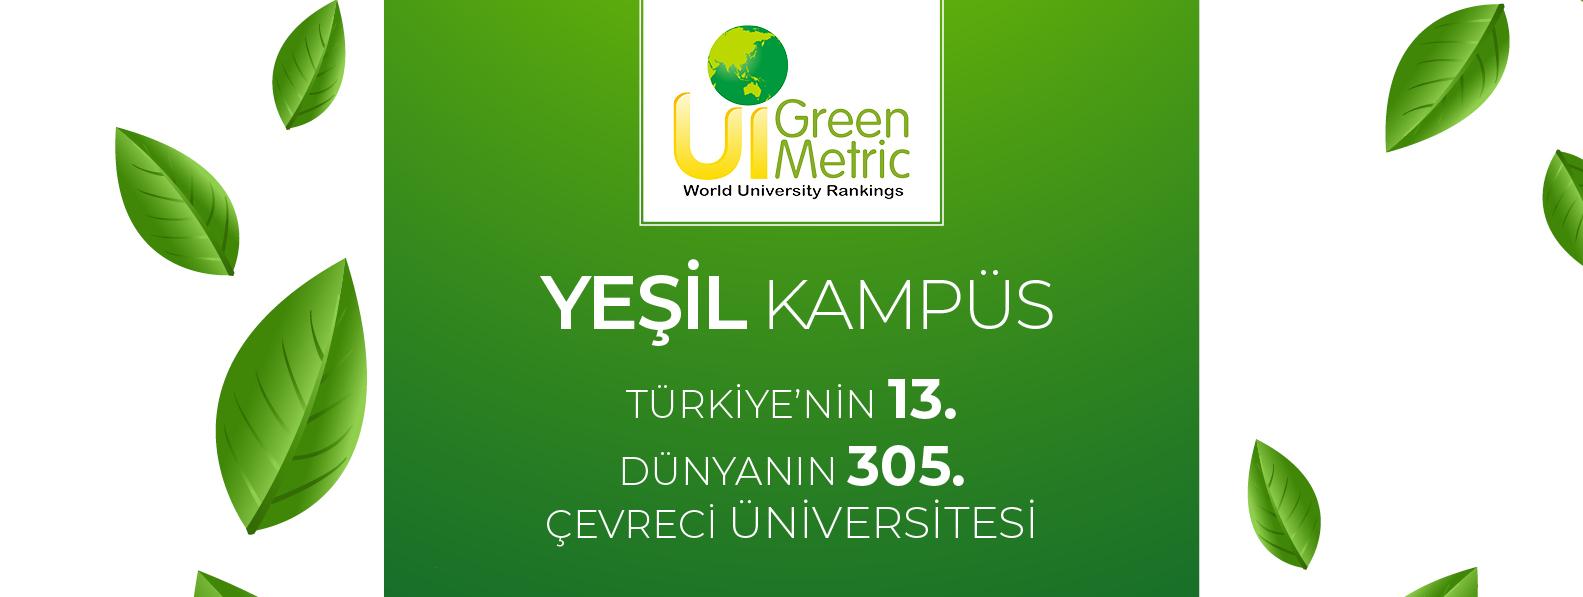 Yeşil Kampüs Türkiye'nin 13. Dünyanın 305. Çevreci Üniversitesi